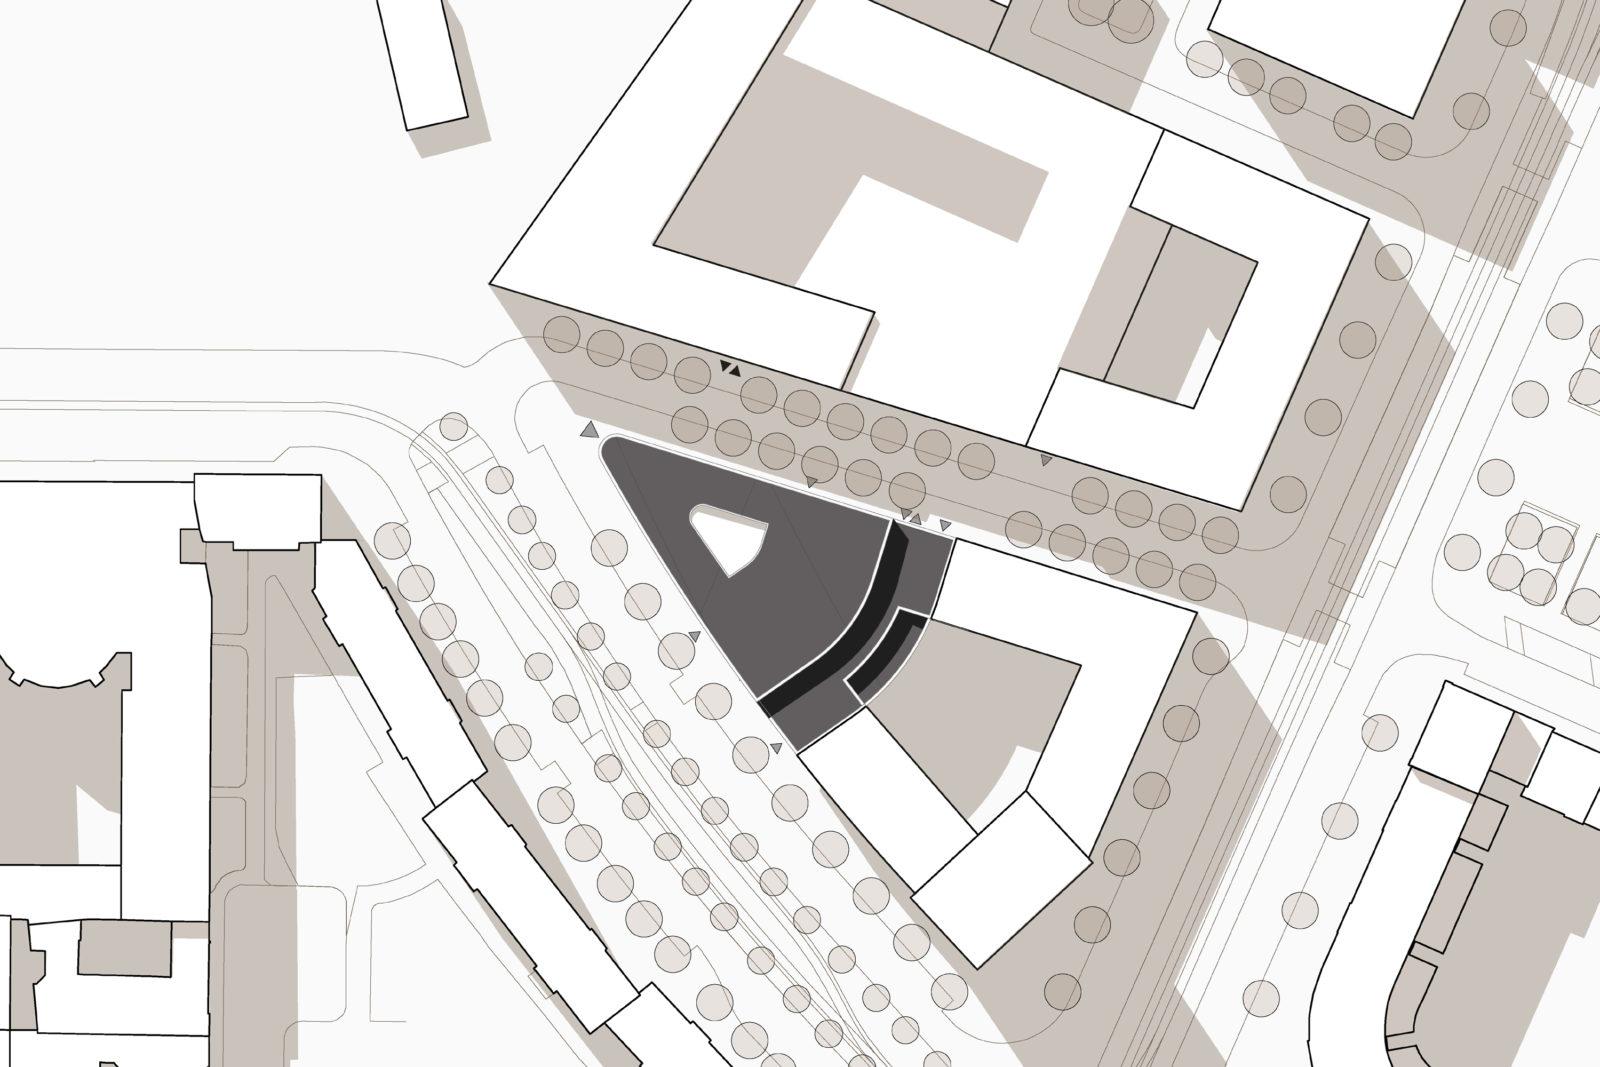 Wettbewerb Leibniz-Institut für Länderkunde in Leipzig, Zentrum - Lageplan